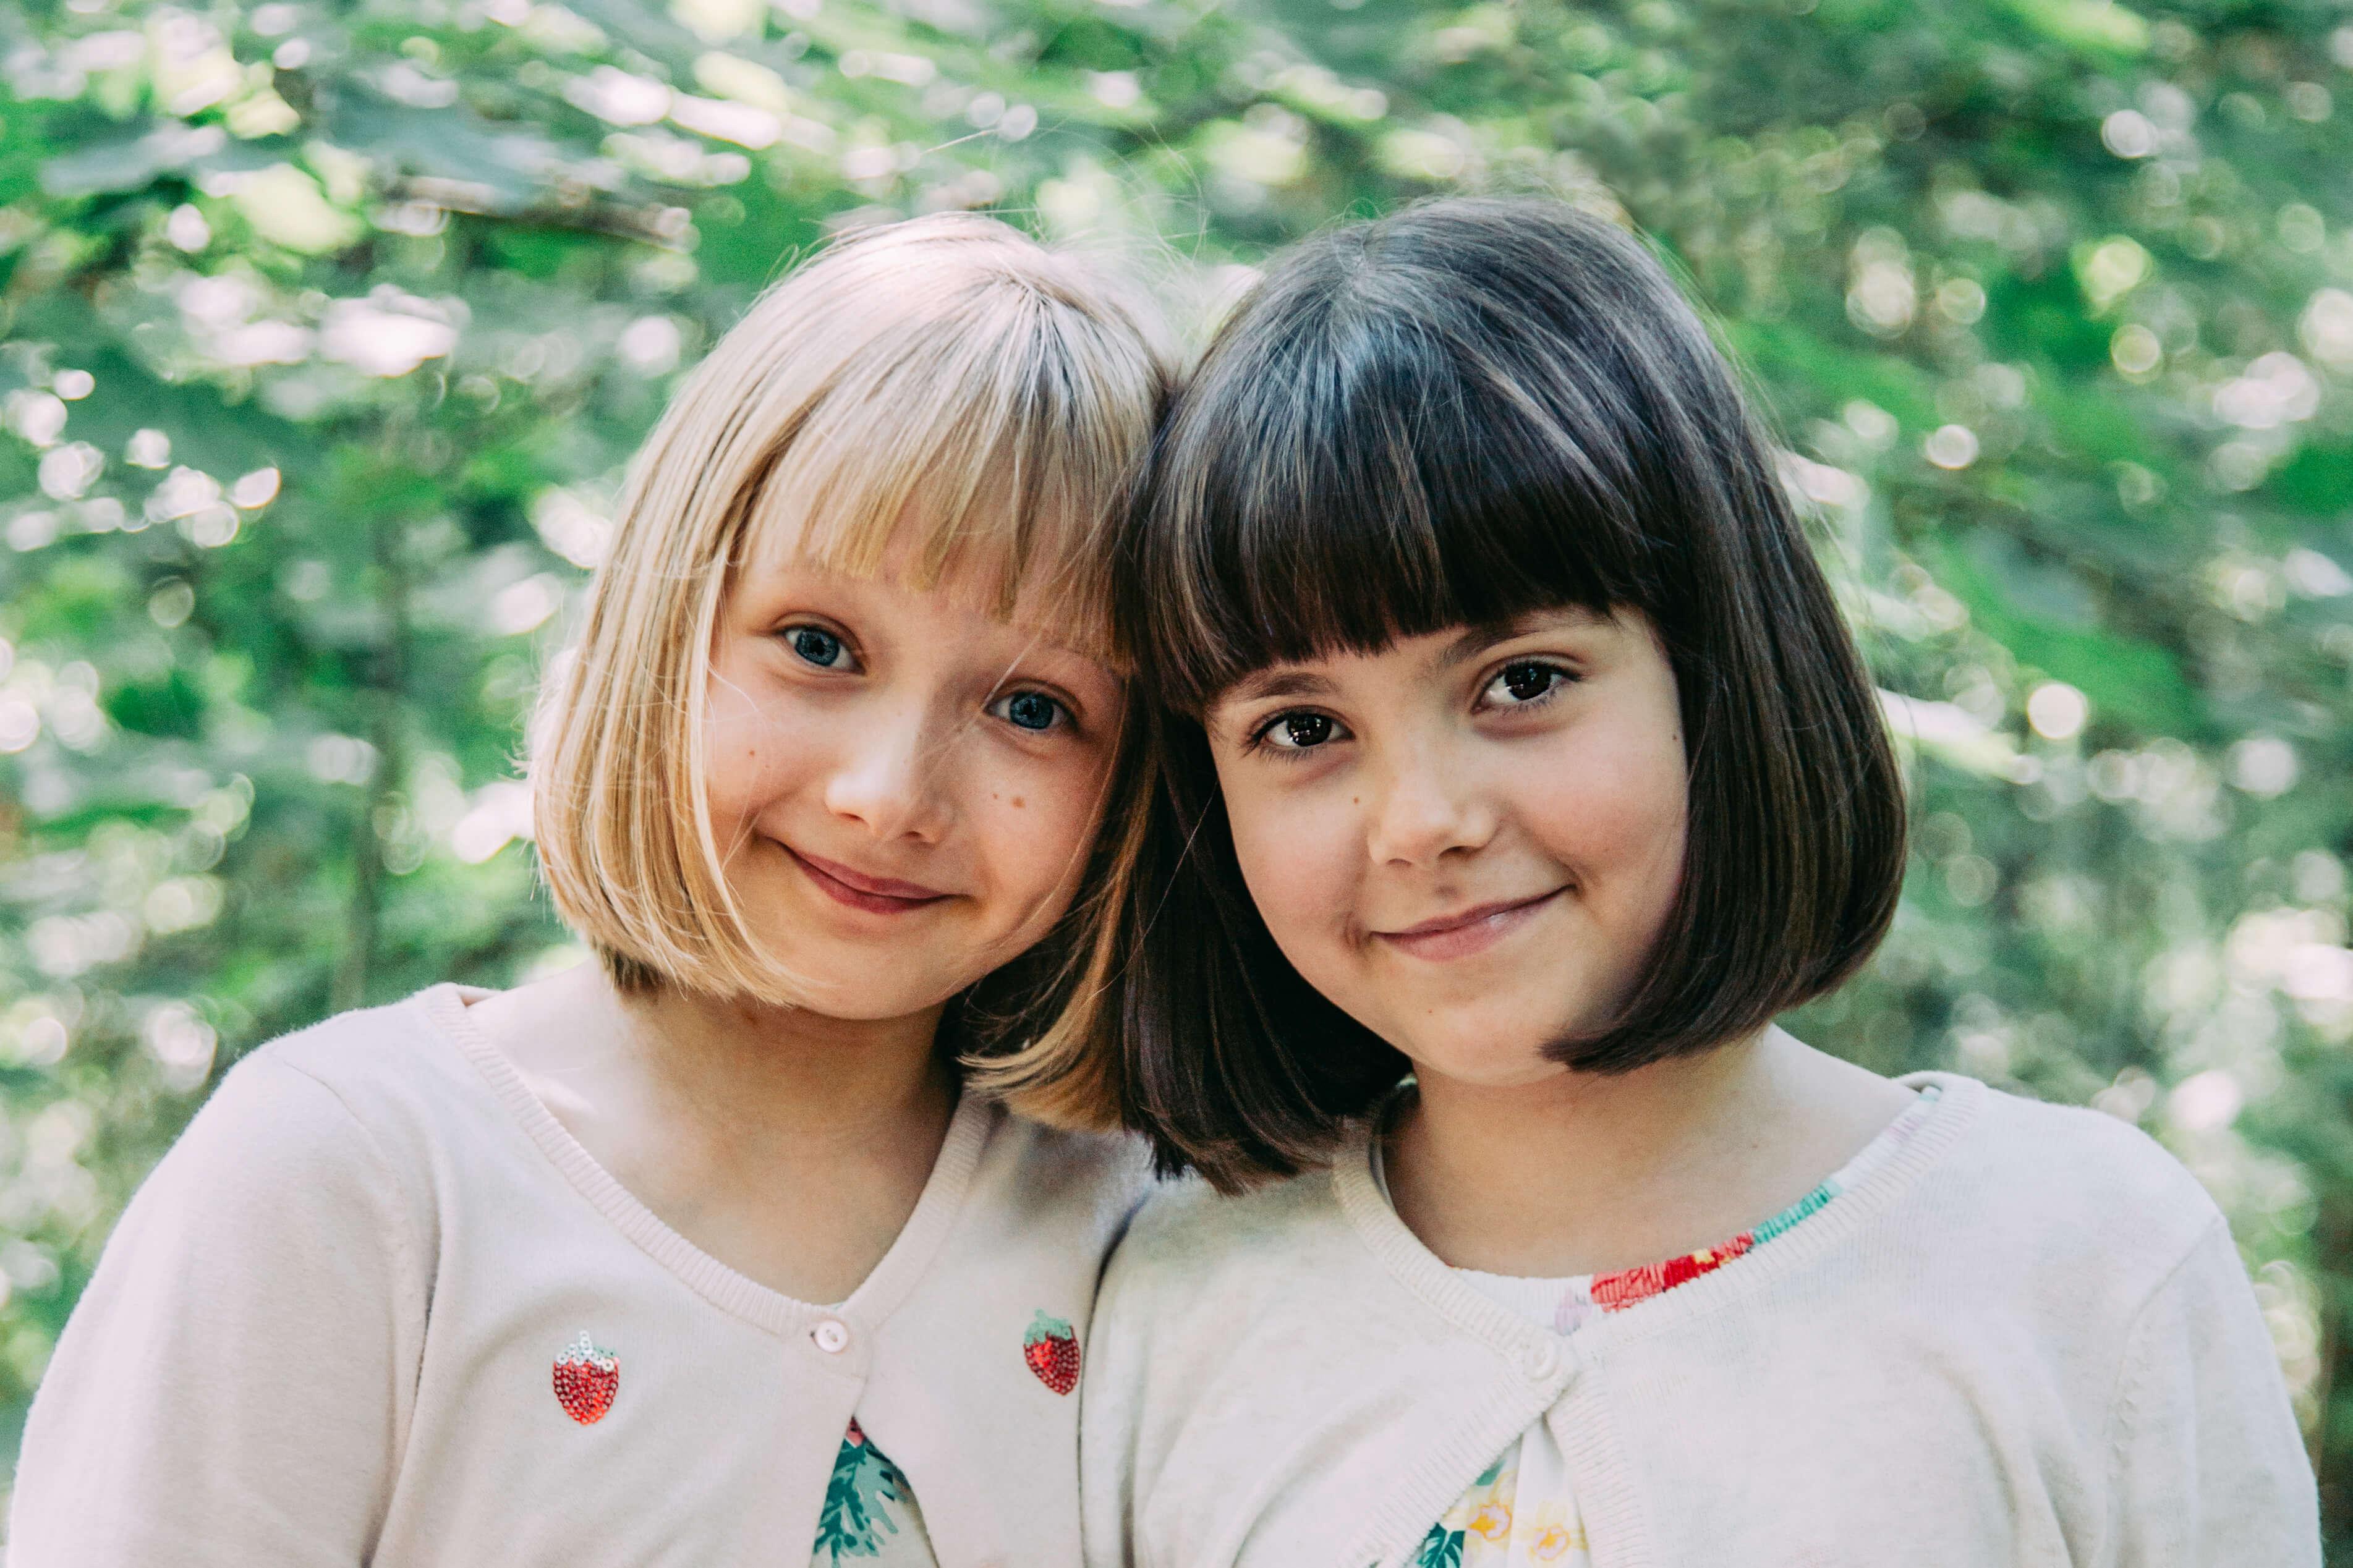 """Uuden Onneli ja Anneli -elokuvan päärooleihin Celina Fallström ja Olga Ritvanen: """"Eniten odotamme Puustinen-possun tapaamista ja sitä, että saamme lypsää kuvauksissa!"""""""